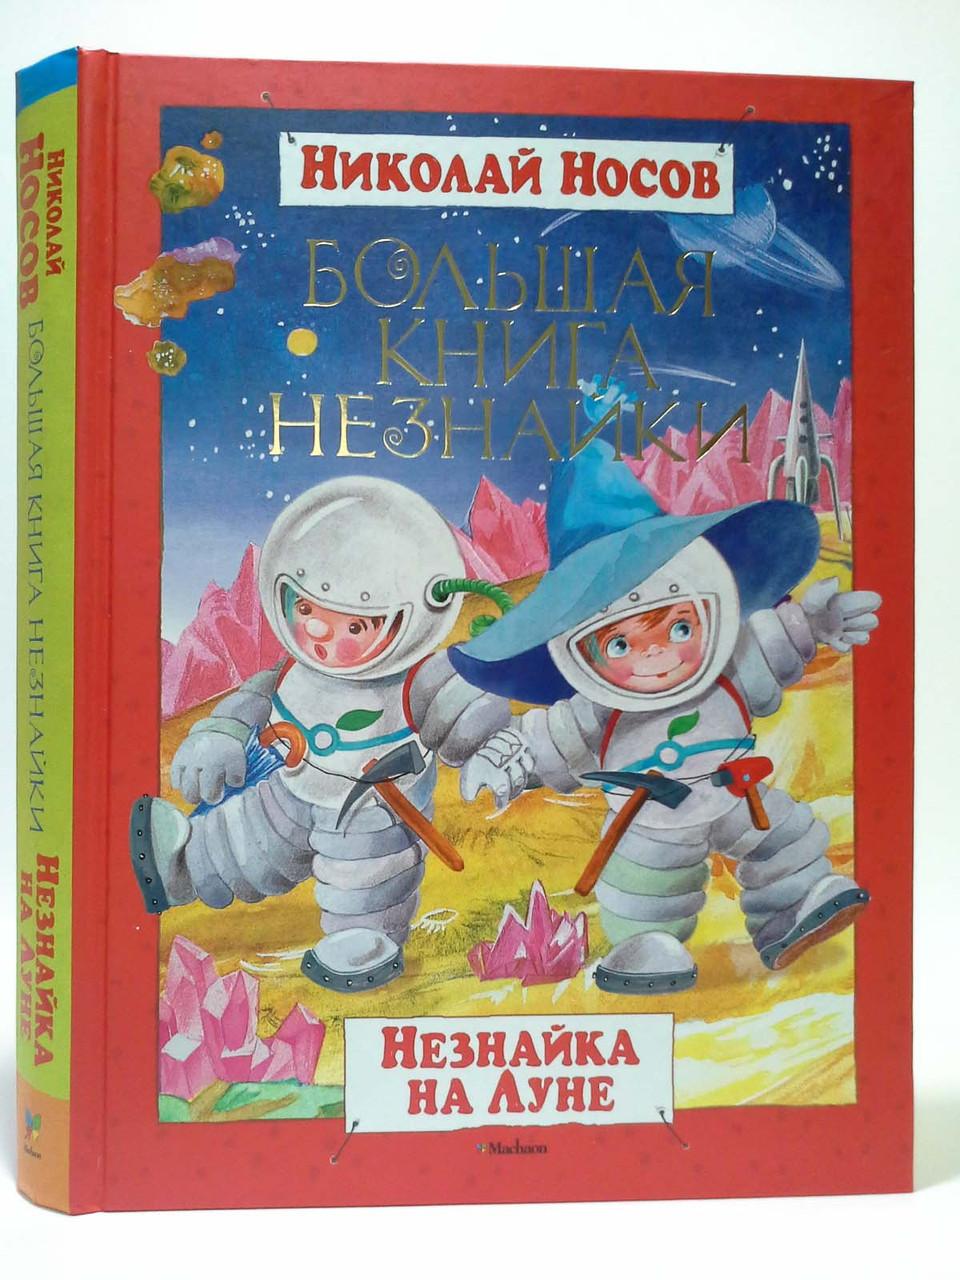 Махаон Велика книга (рос) Носов Велика книга Незнайка Незнайко на Місяці